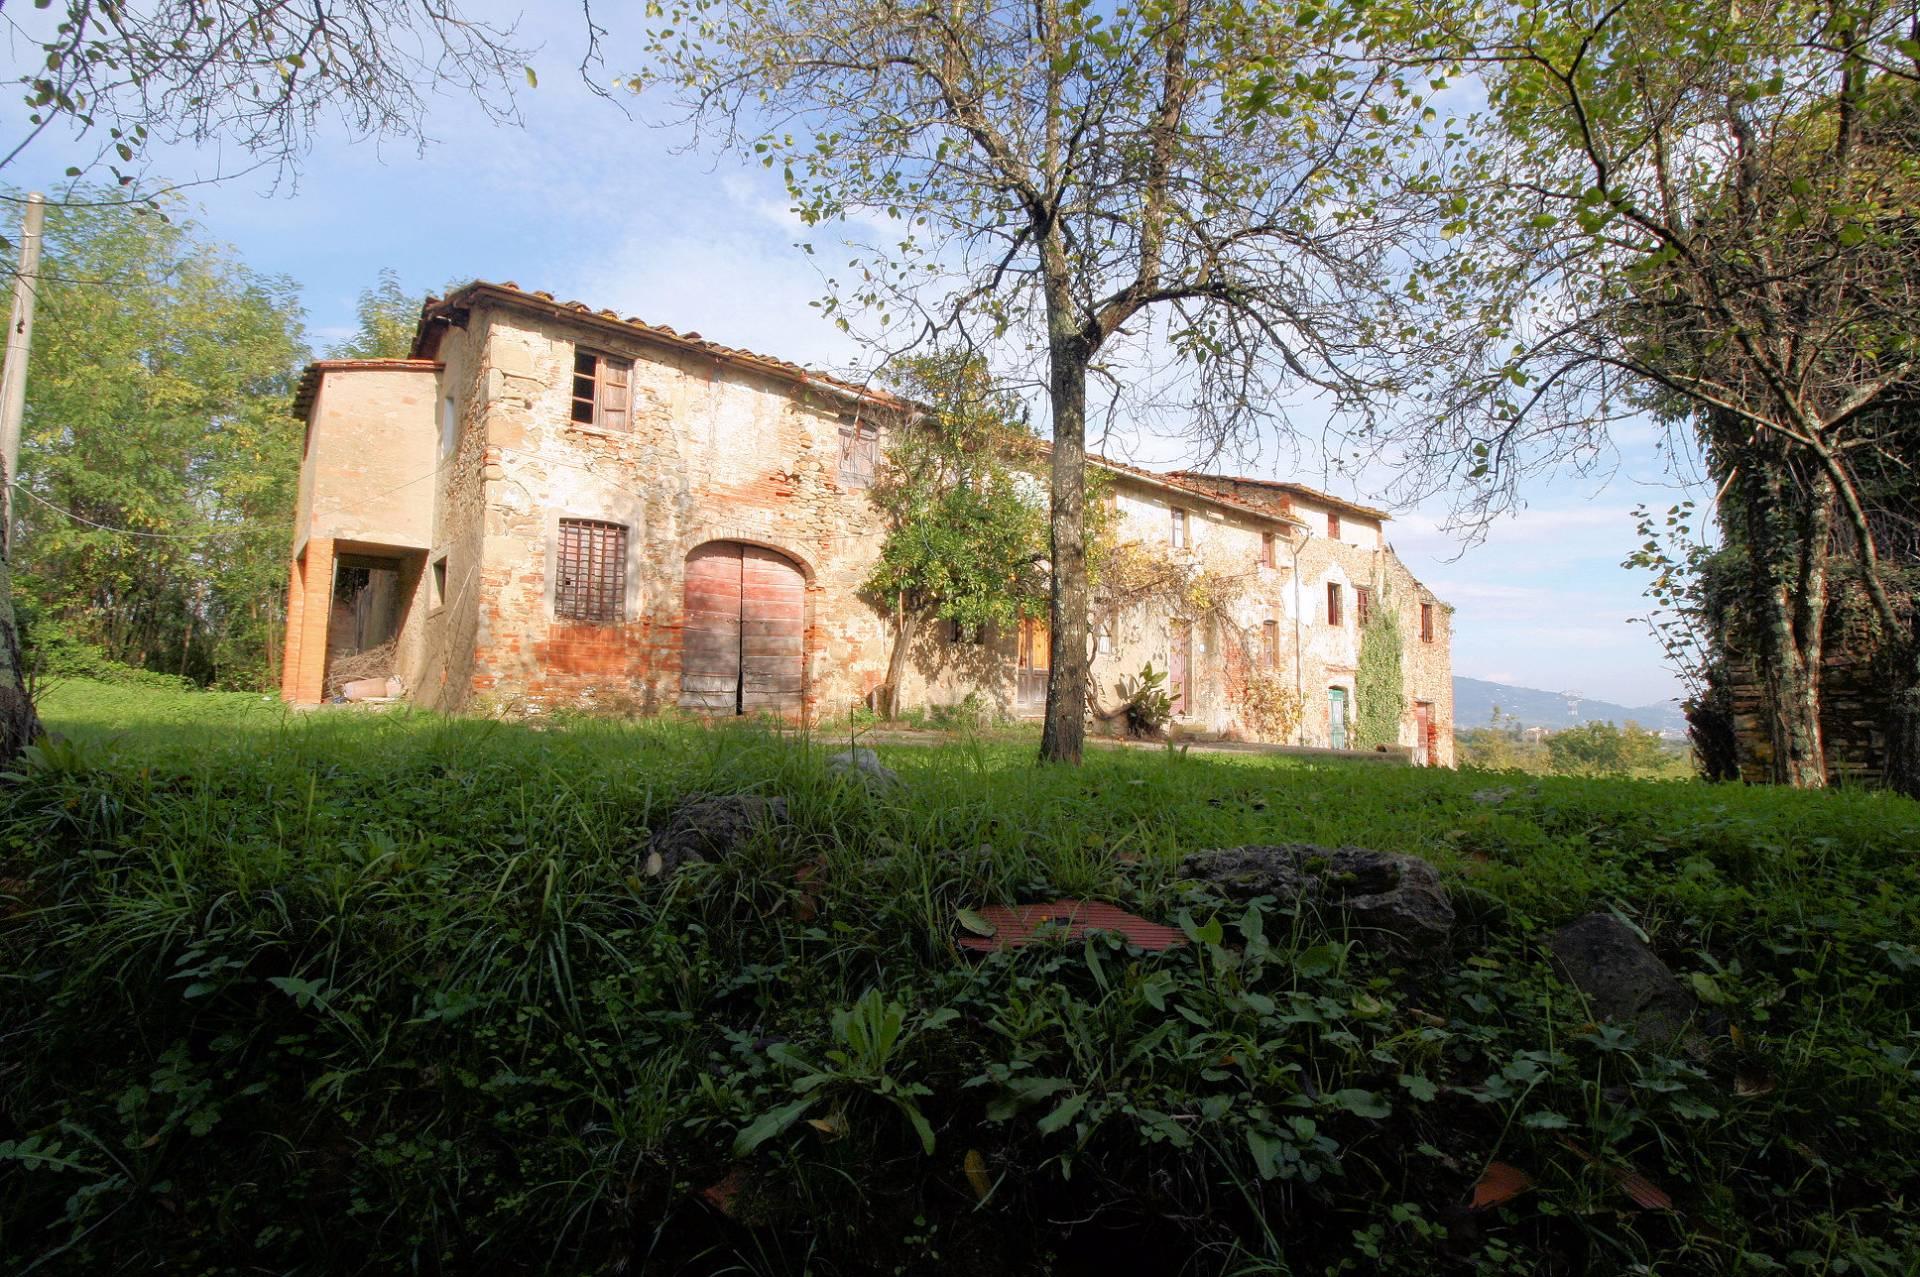 Rustico / Casale in vendita a Pescia, 25 locali, prezzo € 420.000 | CambioCasa.it